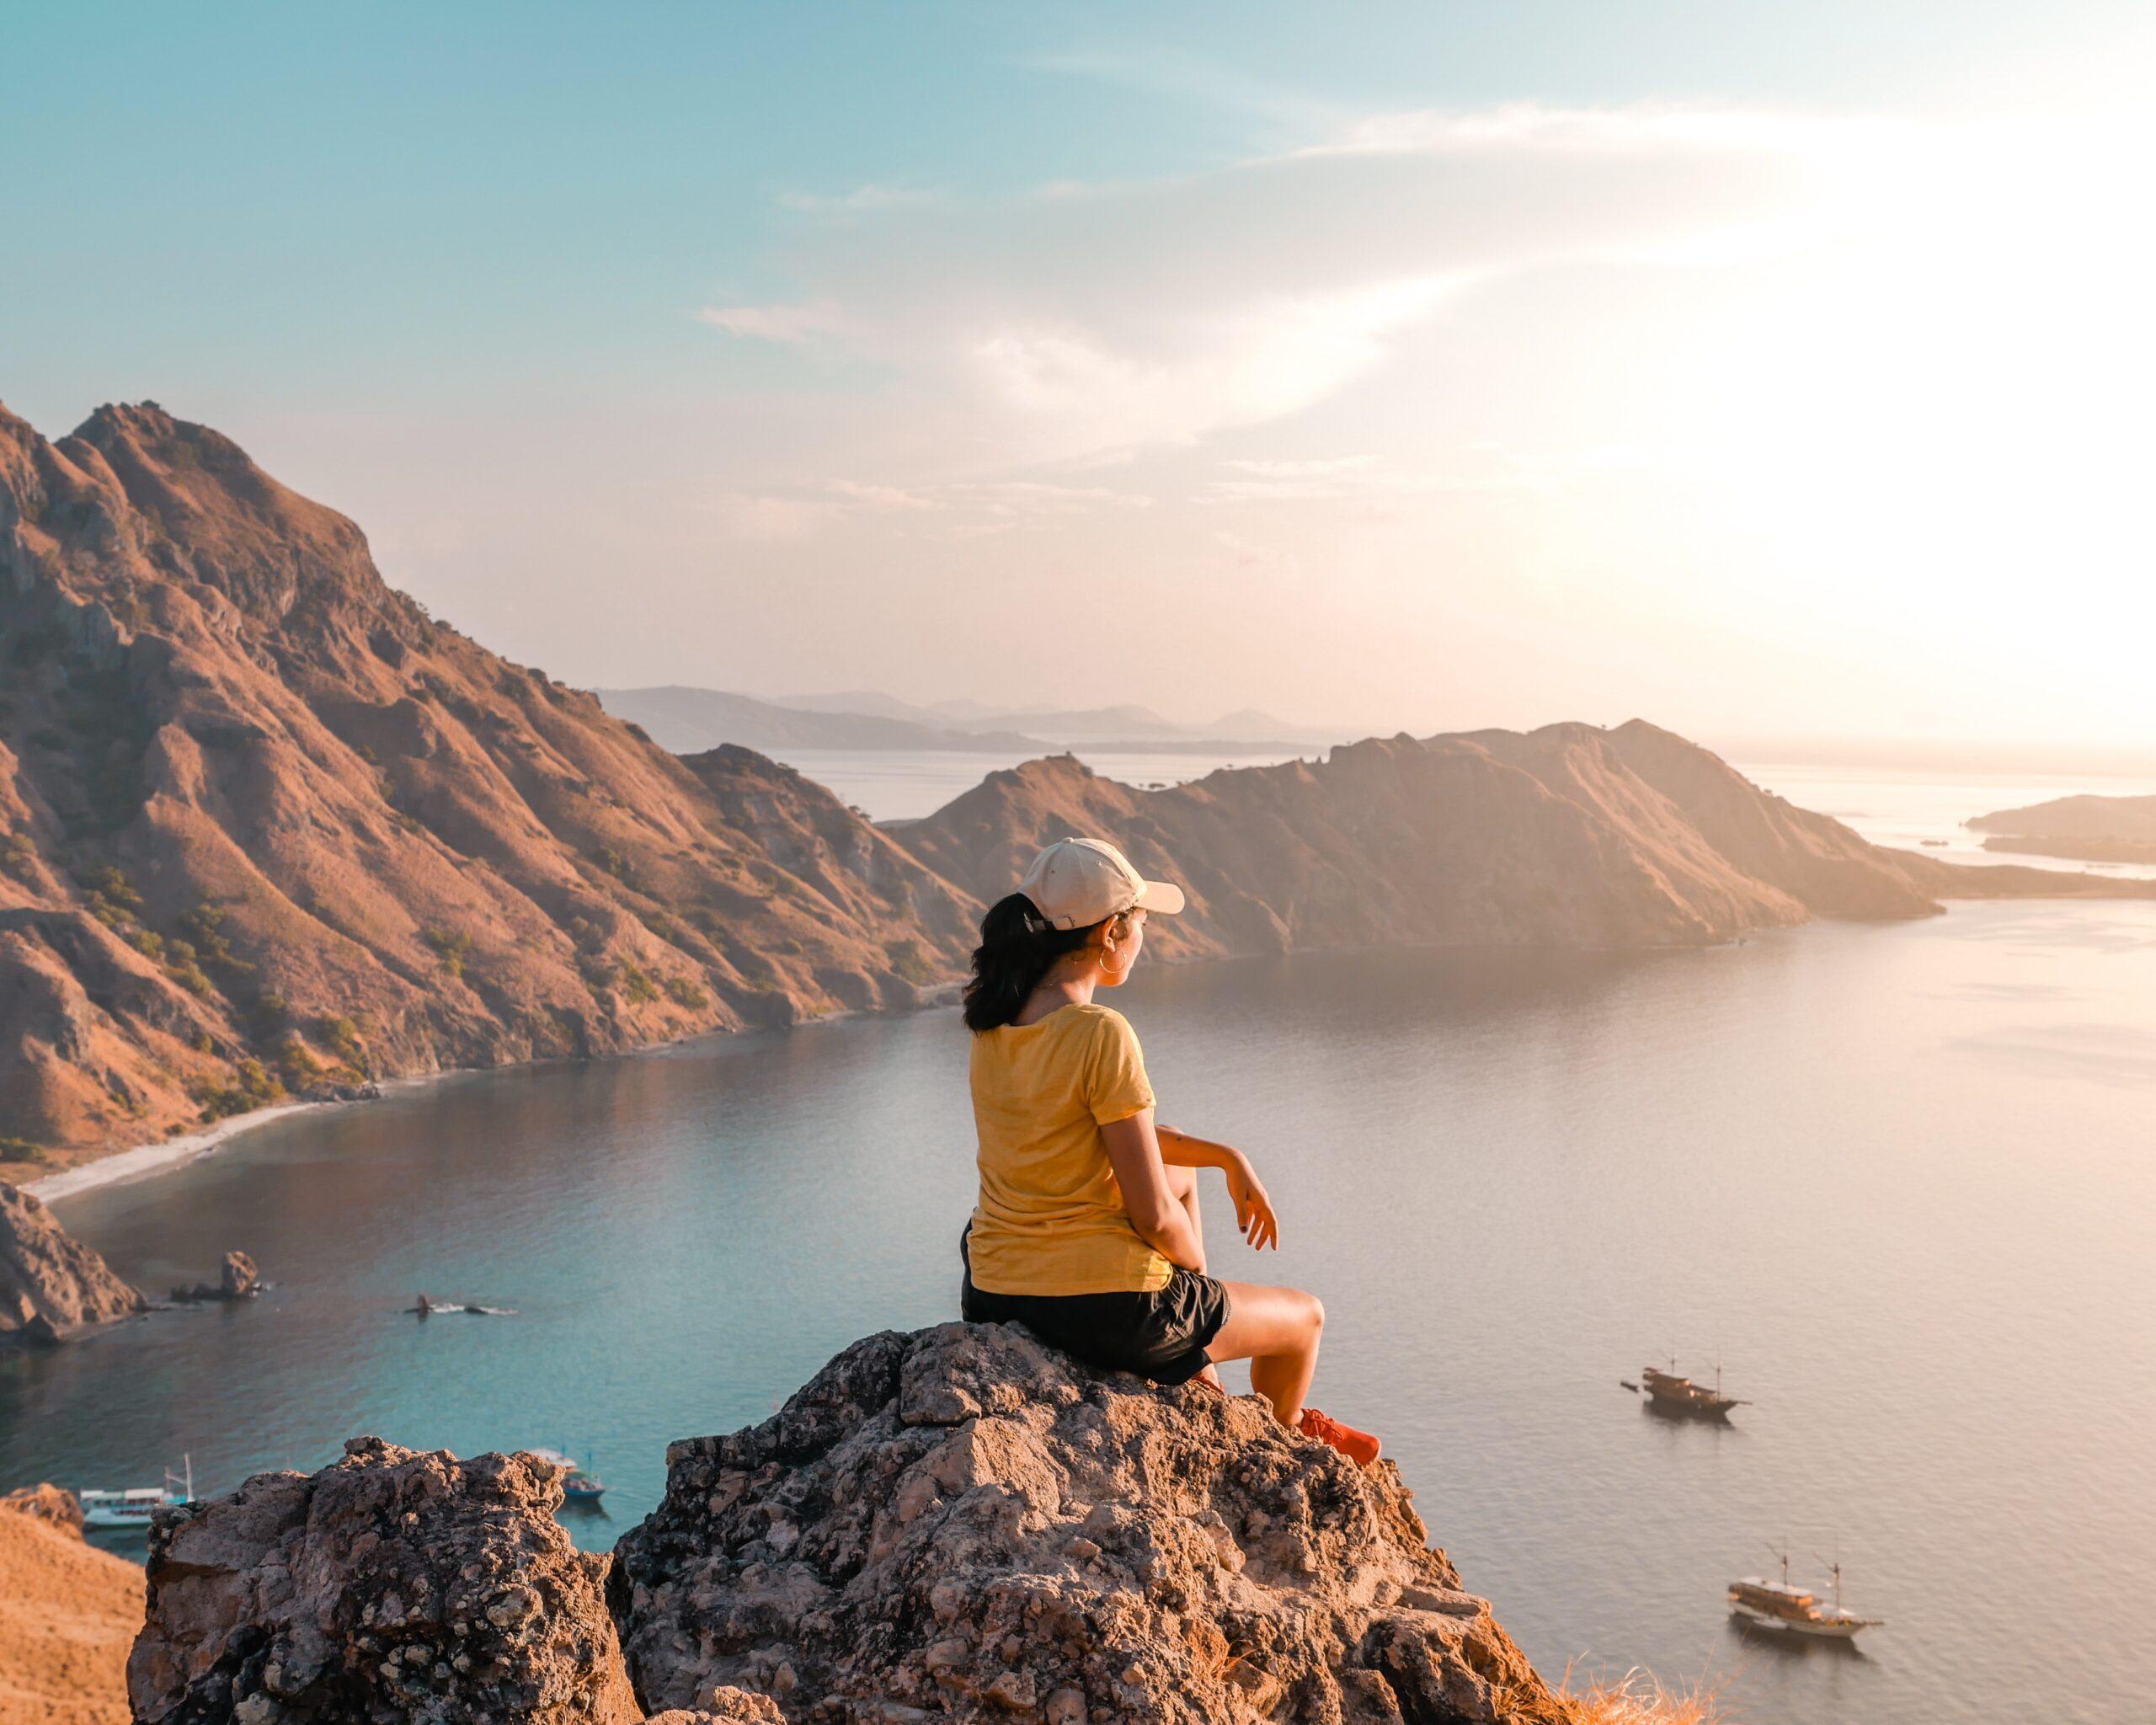 viaggiatrice, solitaria, viaggio lento, viaggiare con lentezza, panorama, isola, mare, roccia, scogli, arrampicata, slow